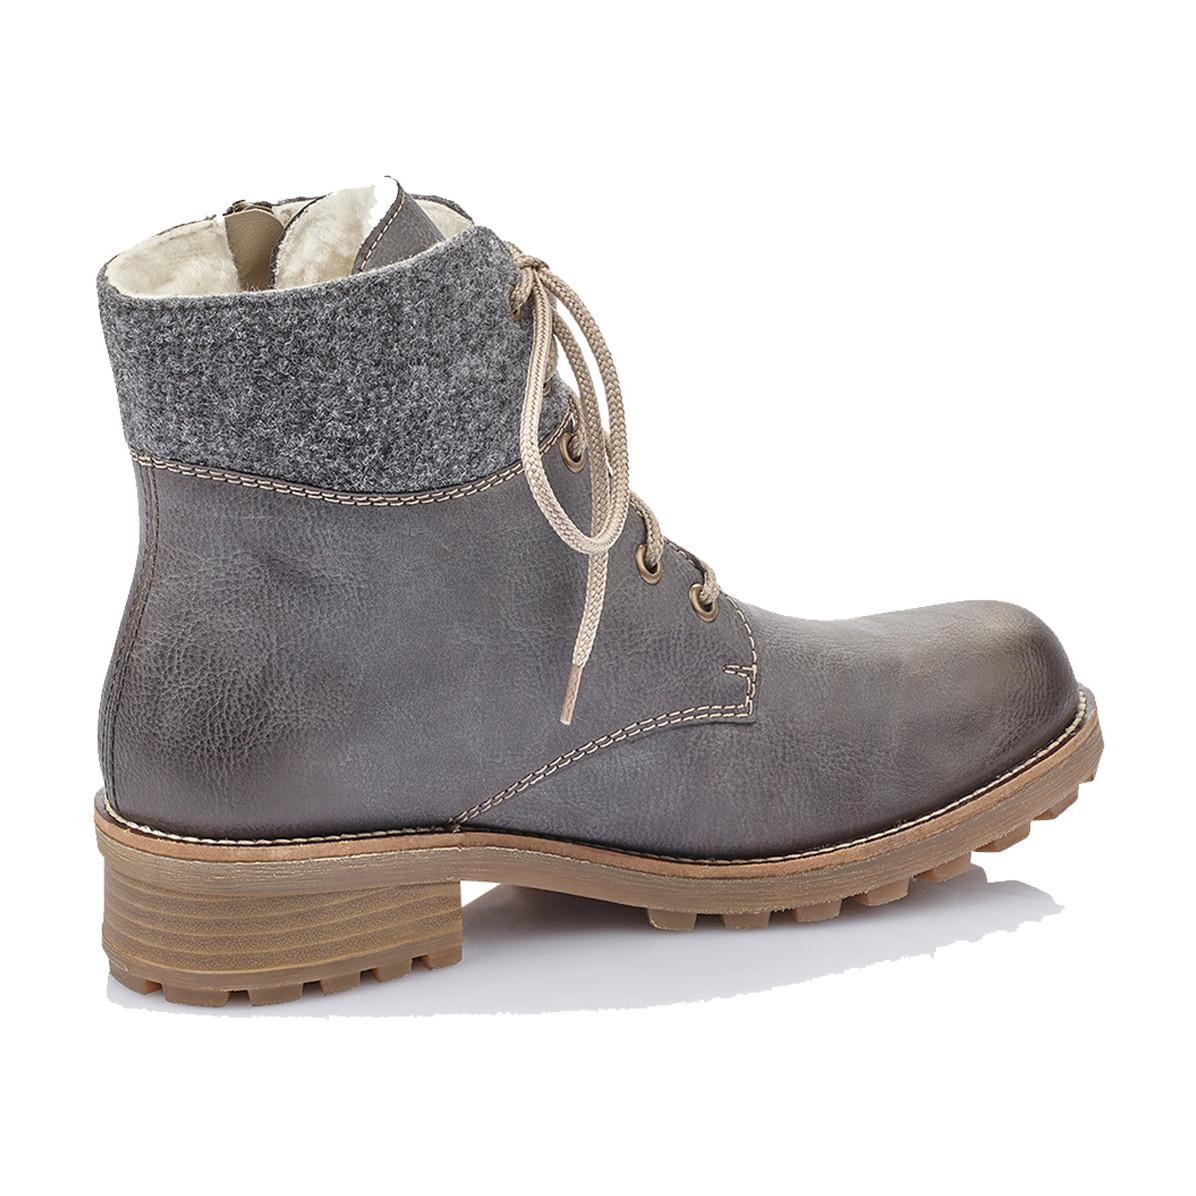 Rieker Rieker Women's Bootie Z0441-45 Grey